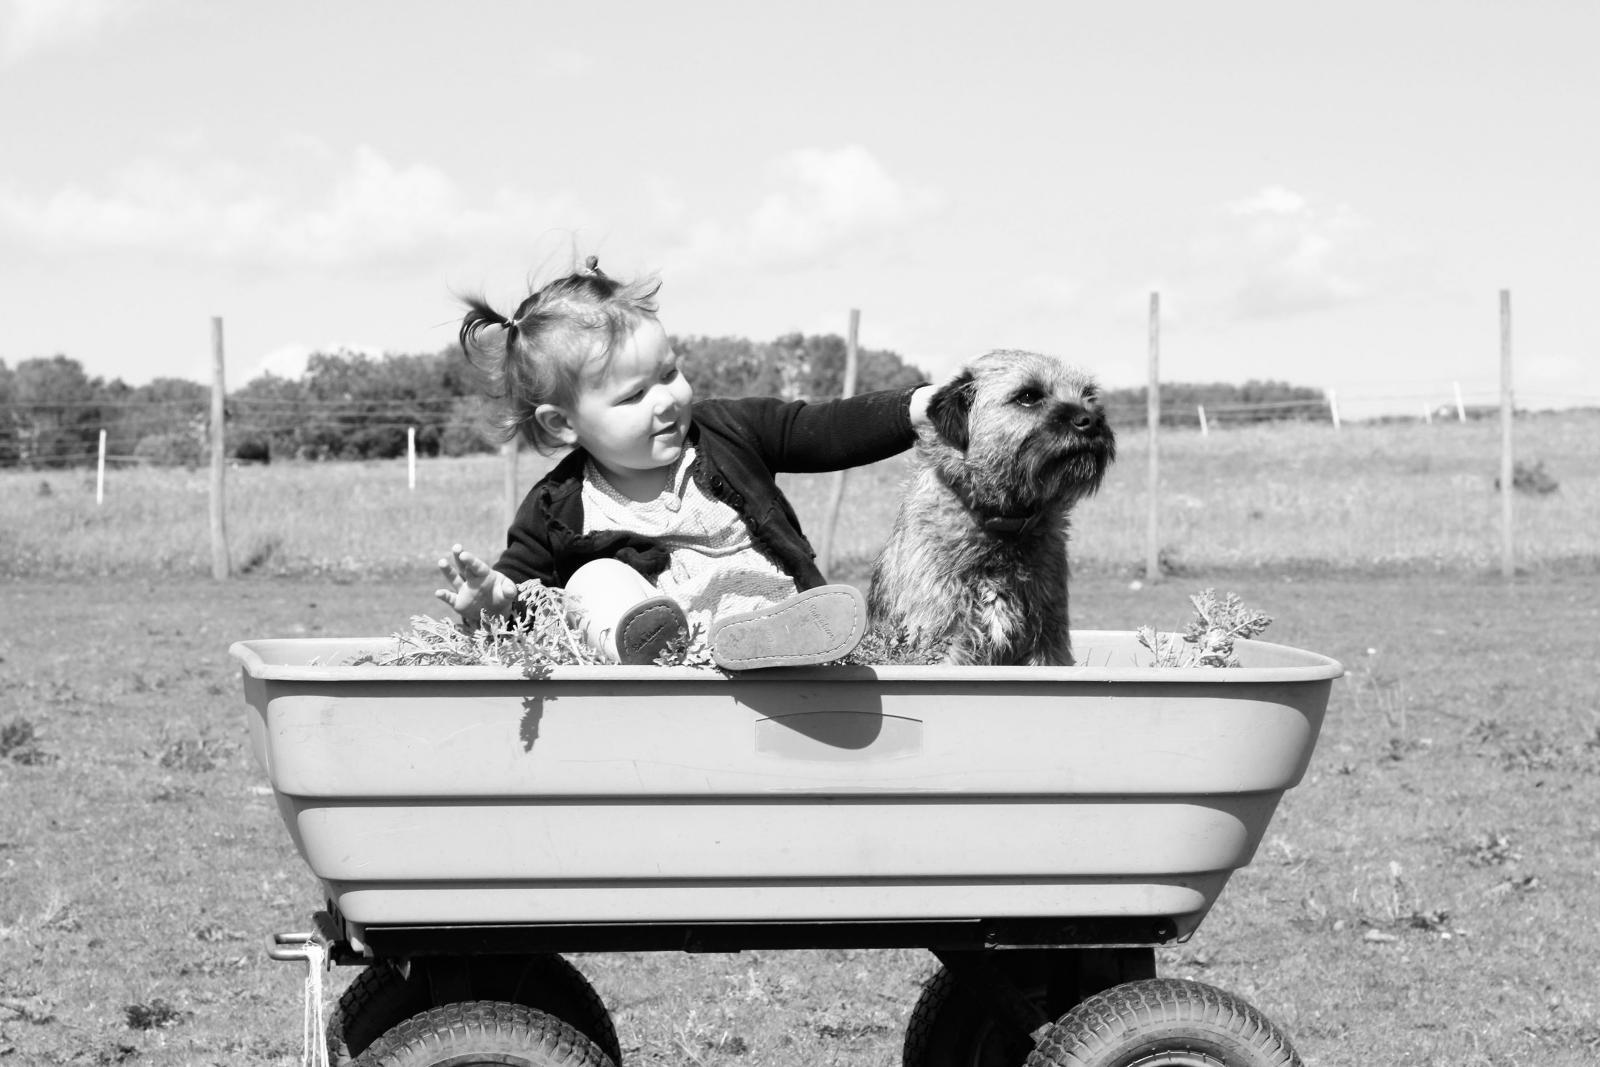 1600-pexels-animal-dog-photo-48672